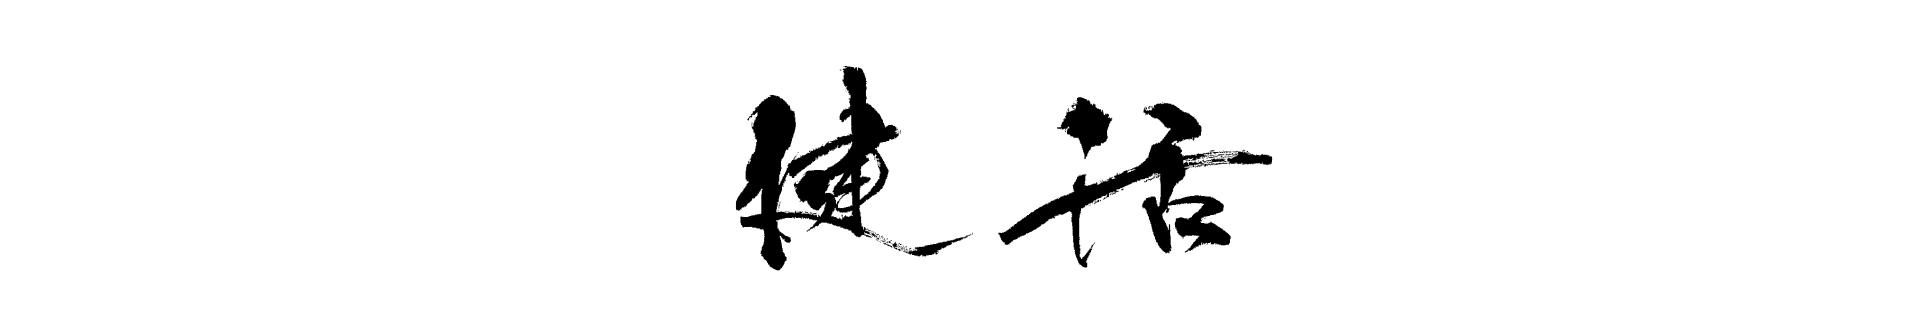 健幸活動応援プロジェクト-健活11